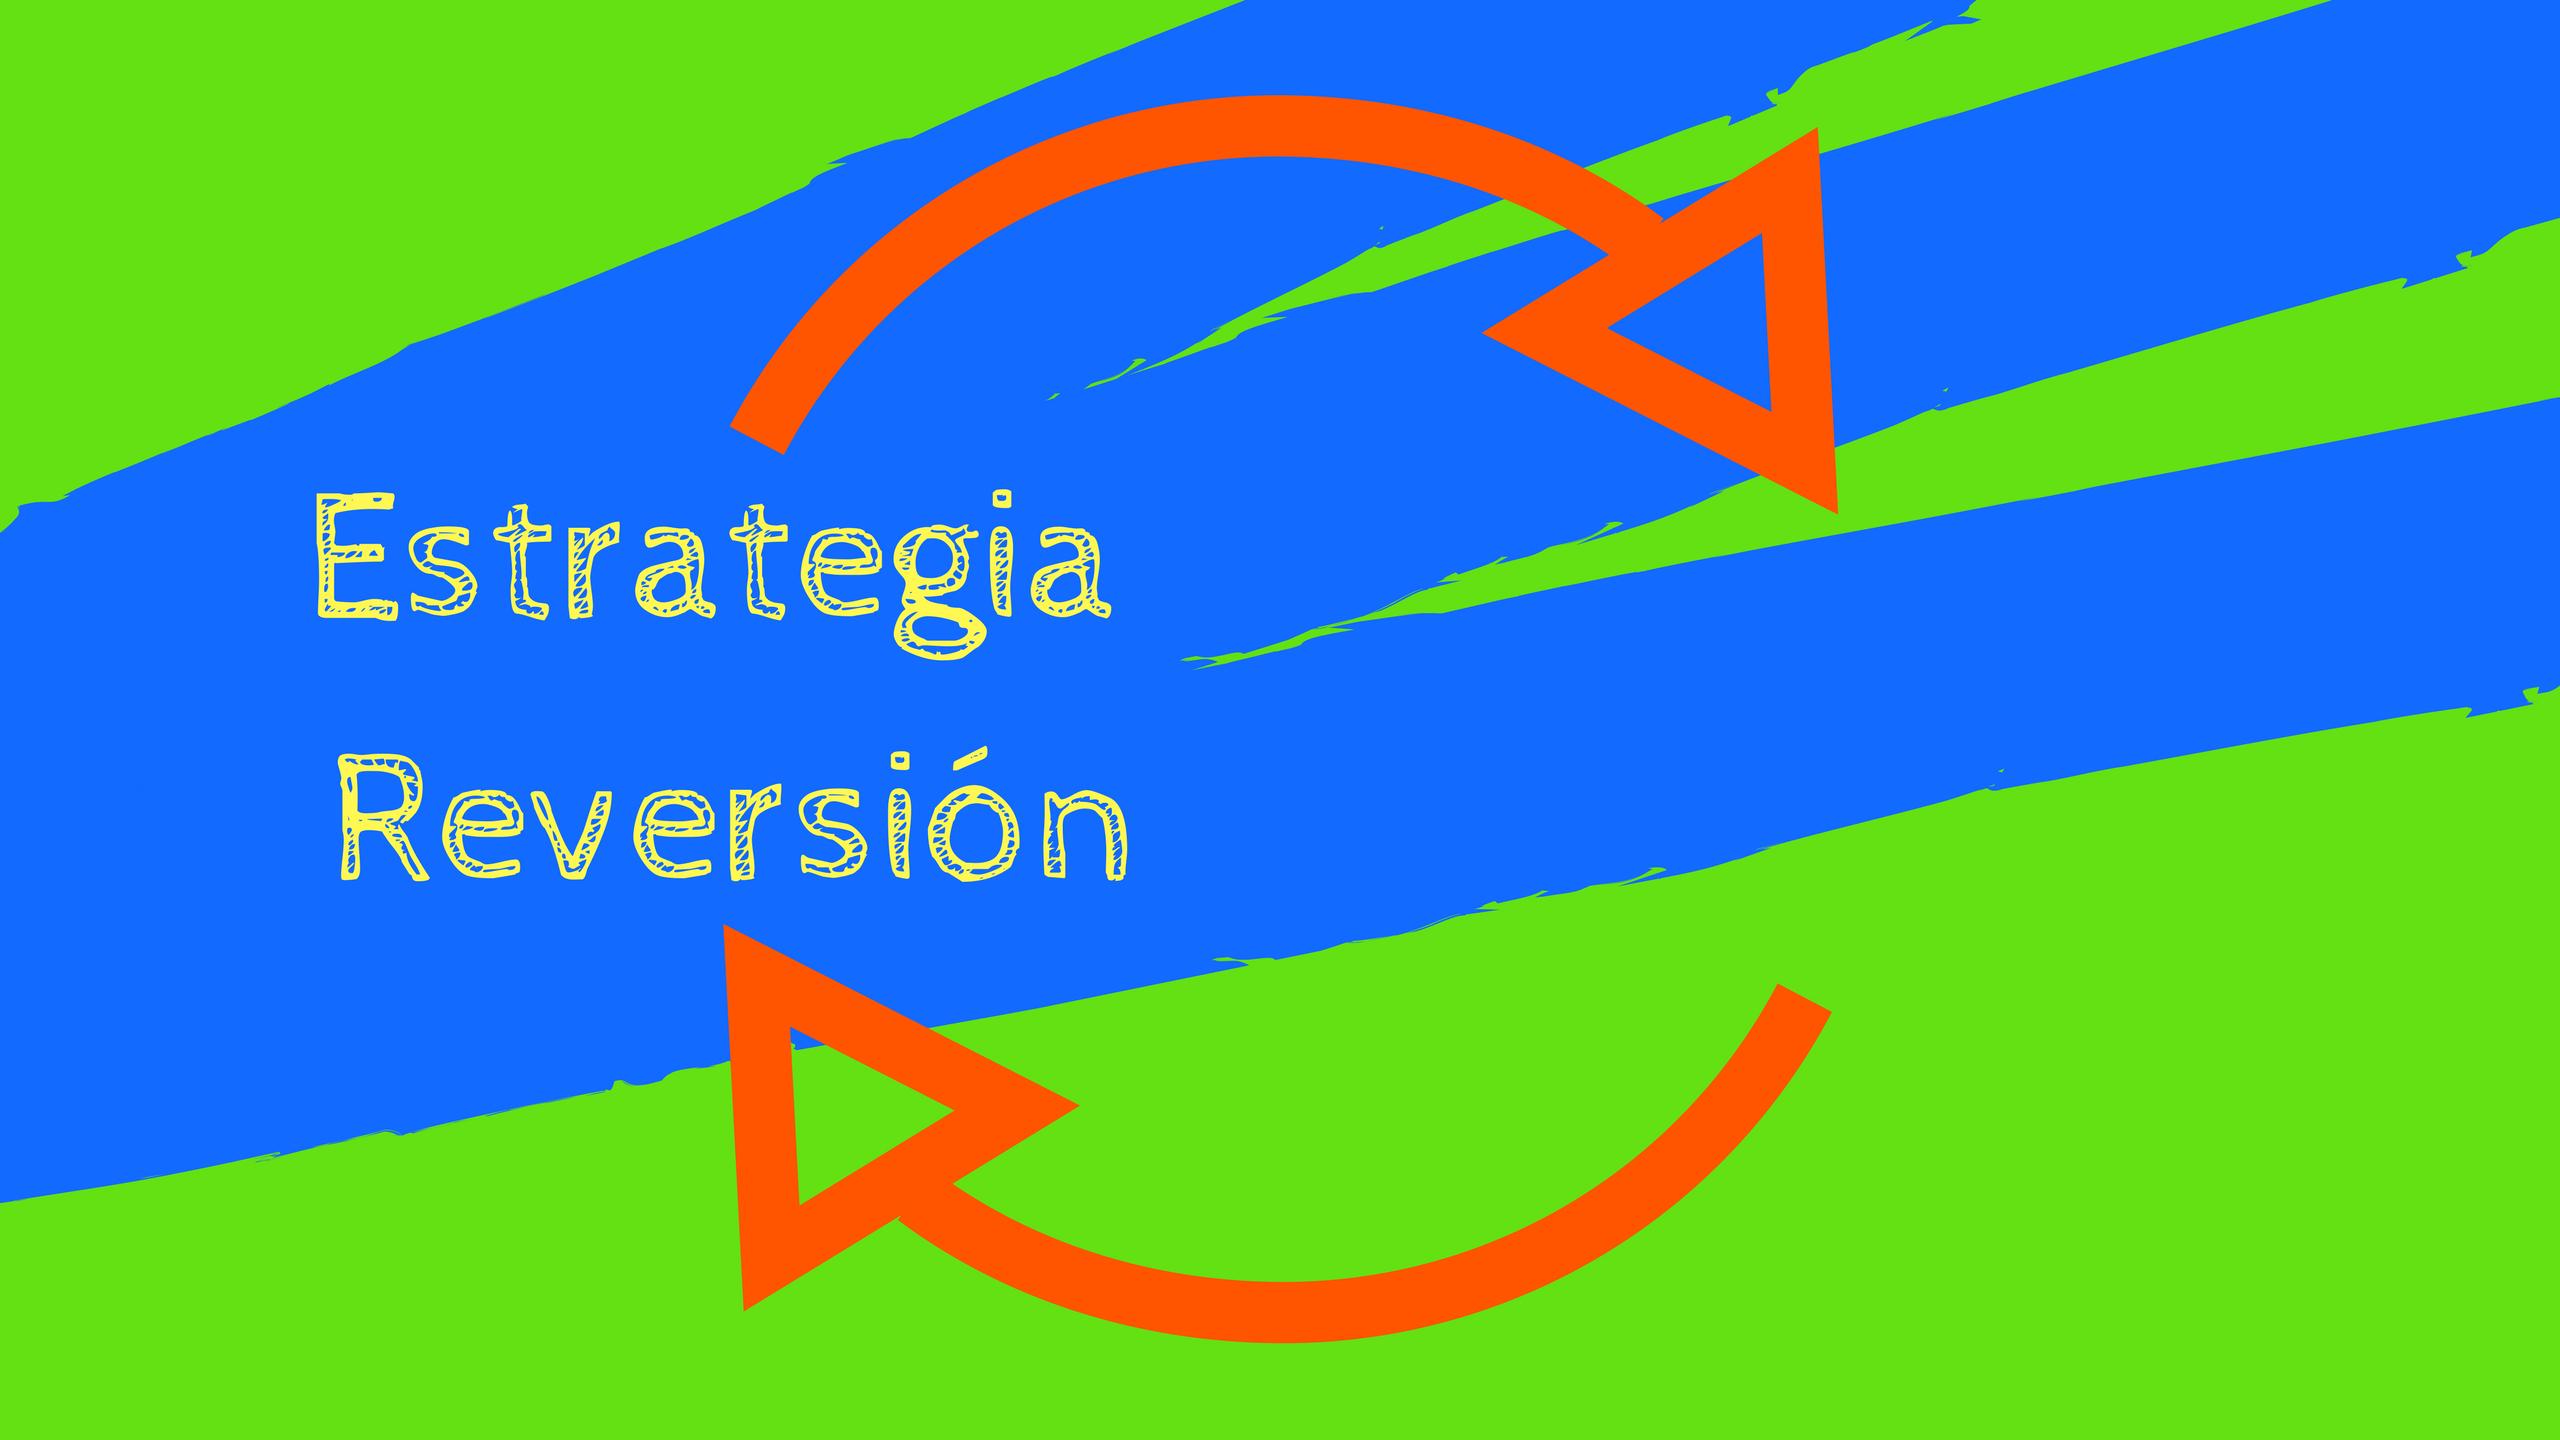 Estrategia de reversión